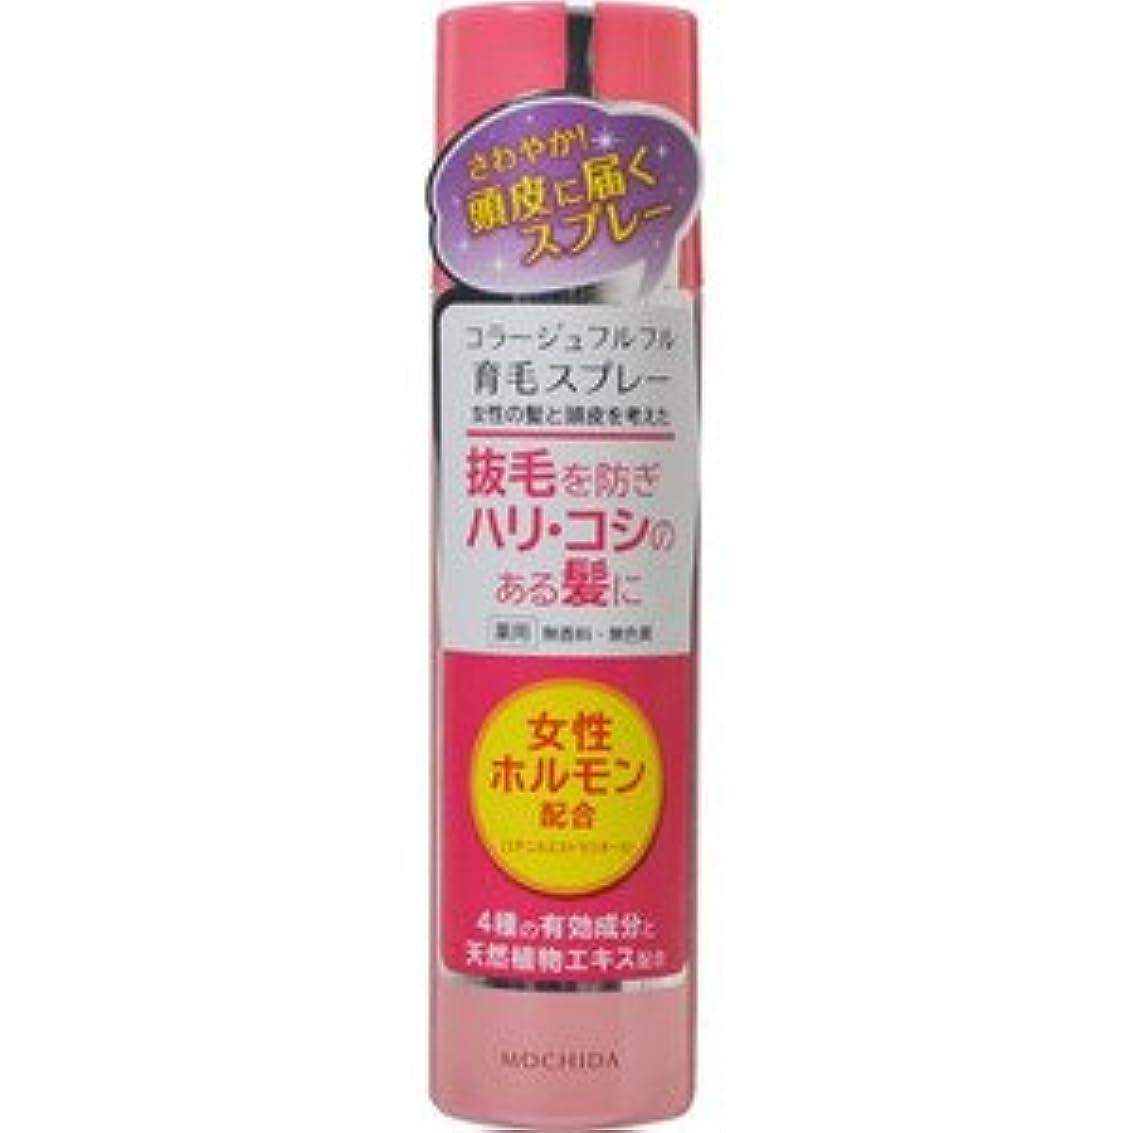 裁量ロビー自動(持田ヘルスケア)コラージュフルフル 育毛スプレー 150g(医薬部外品)(お買い得3個セット)